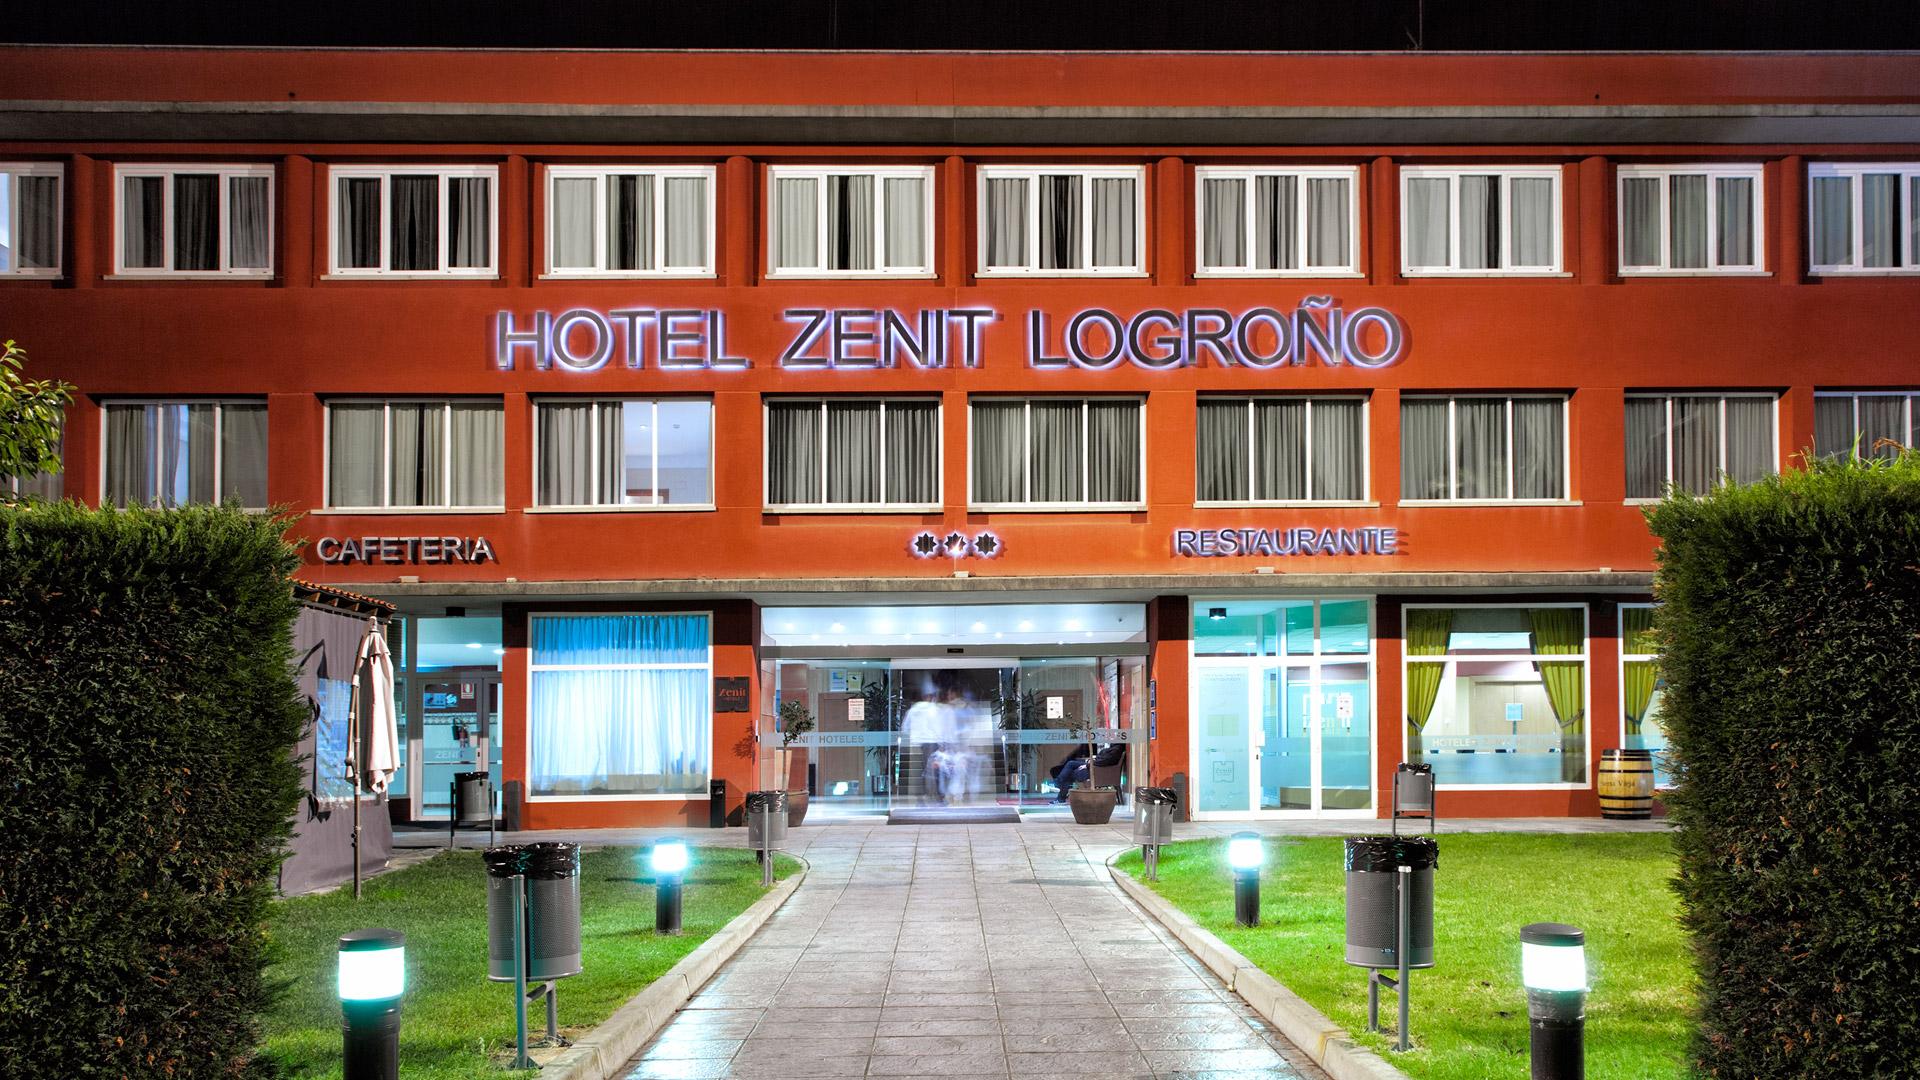 Zenit Logroño